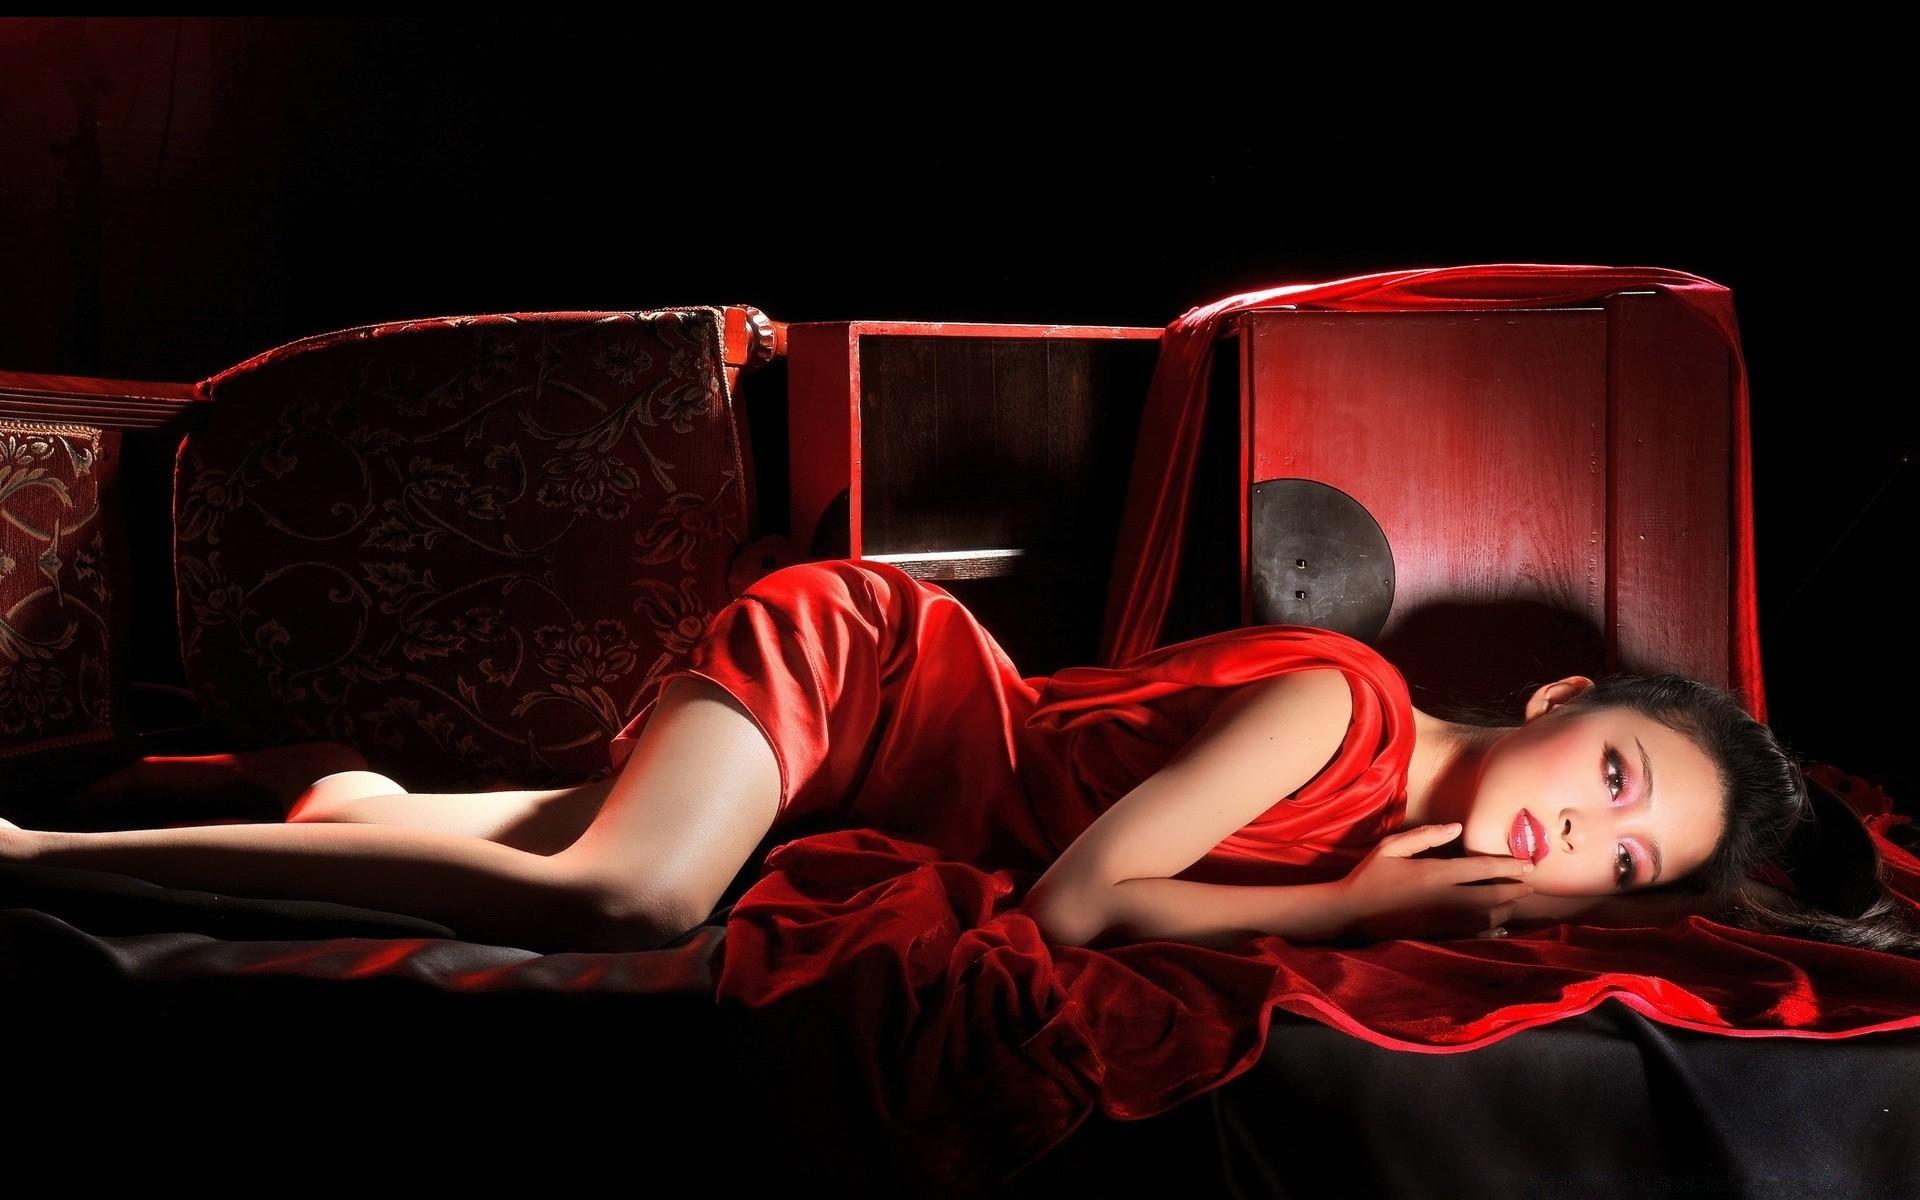 Профессиональные снимки молодой модели на белом диване  552925